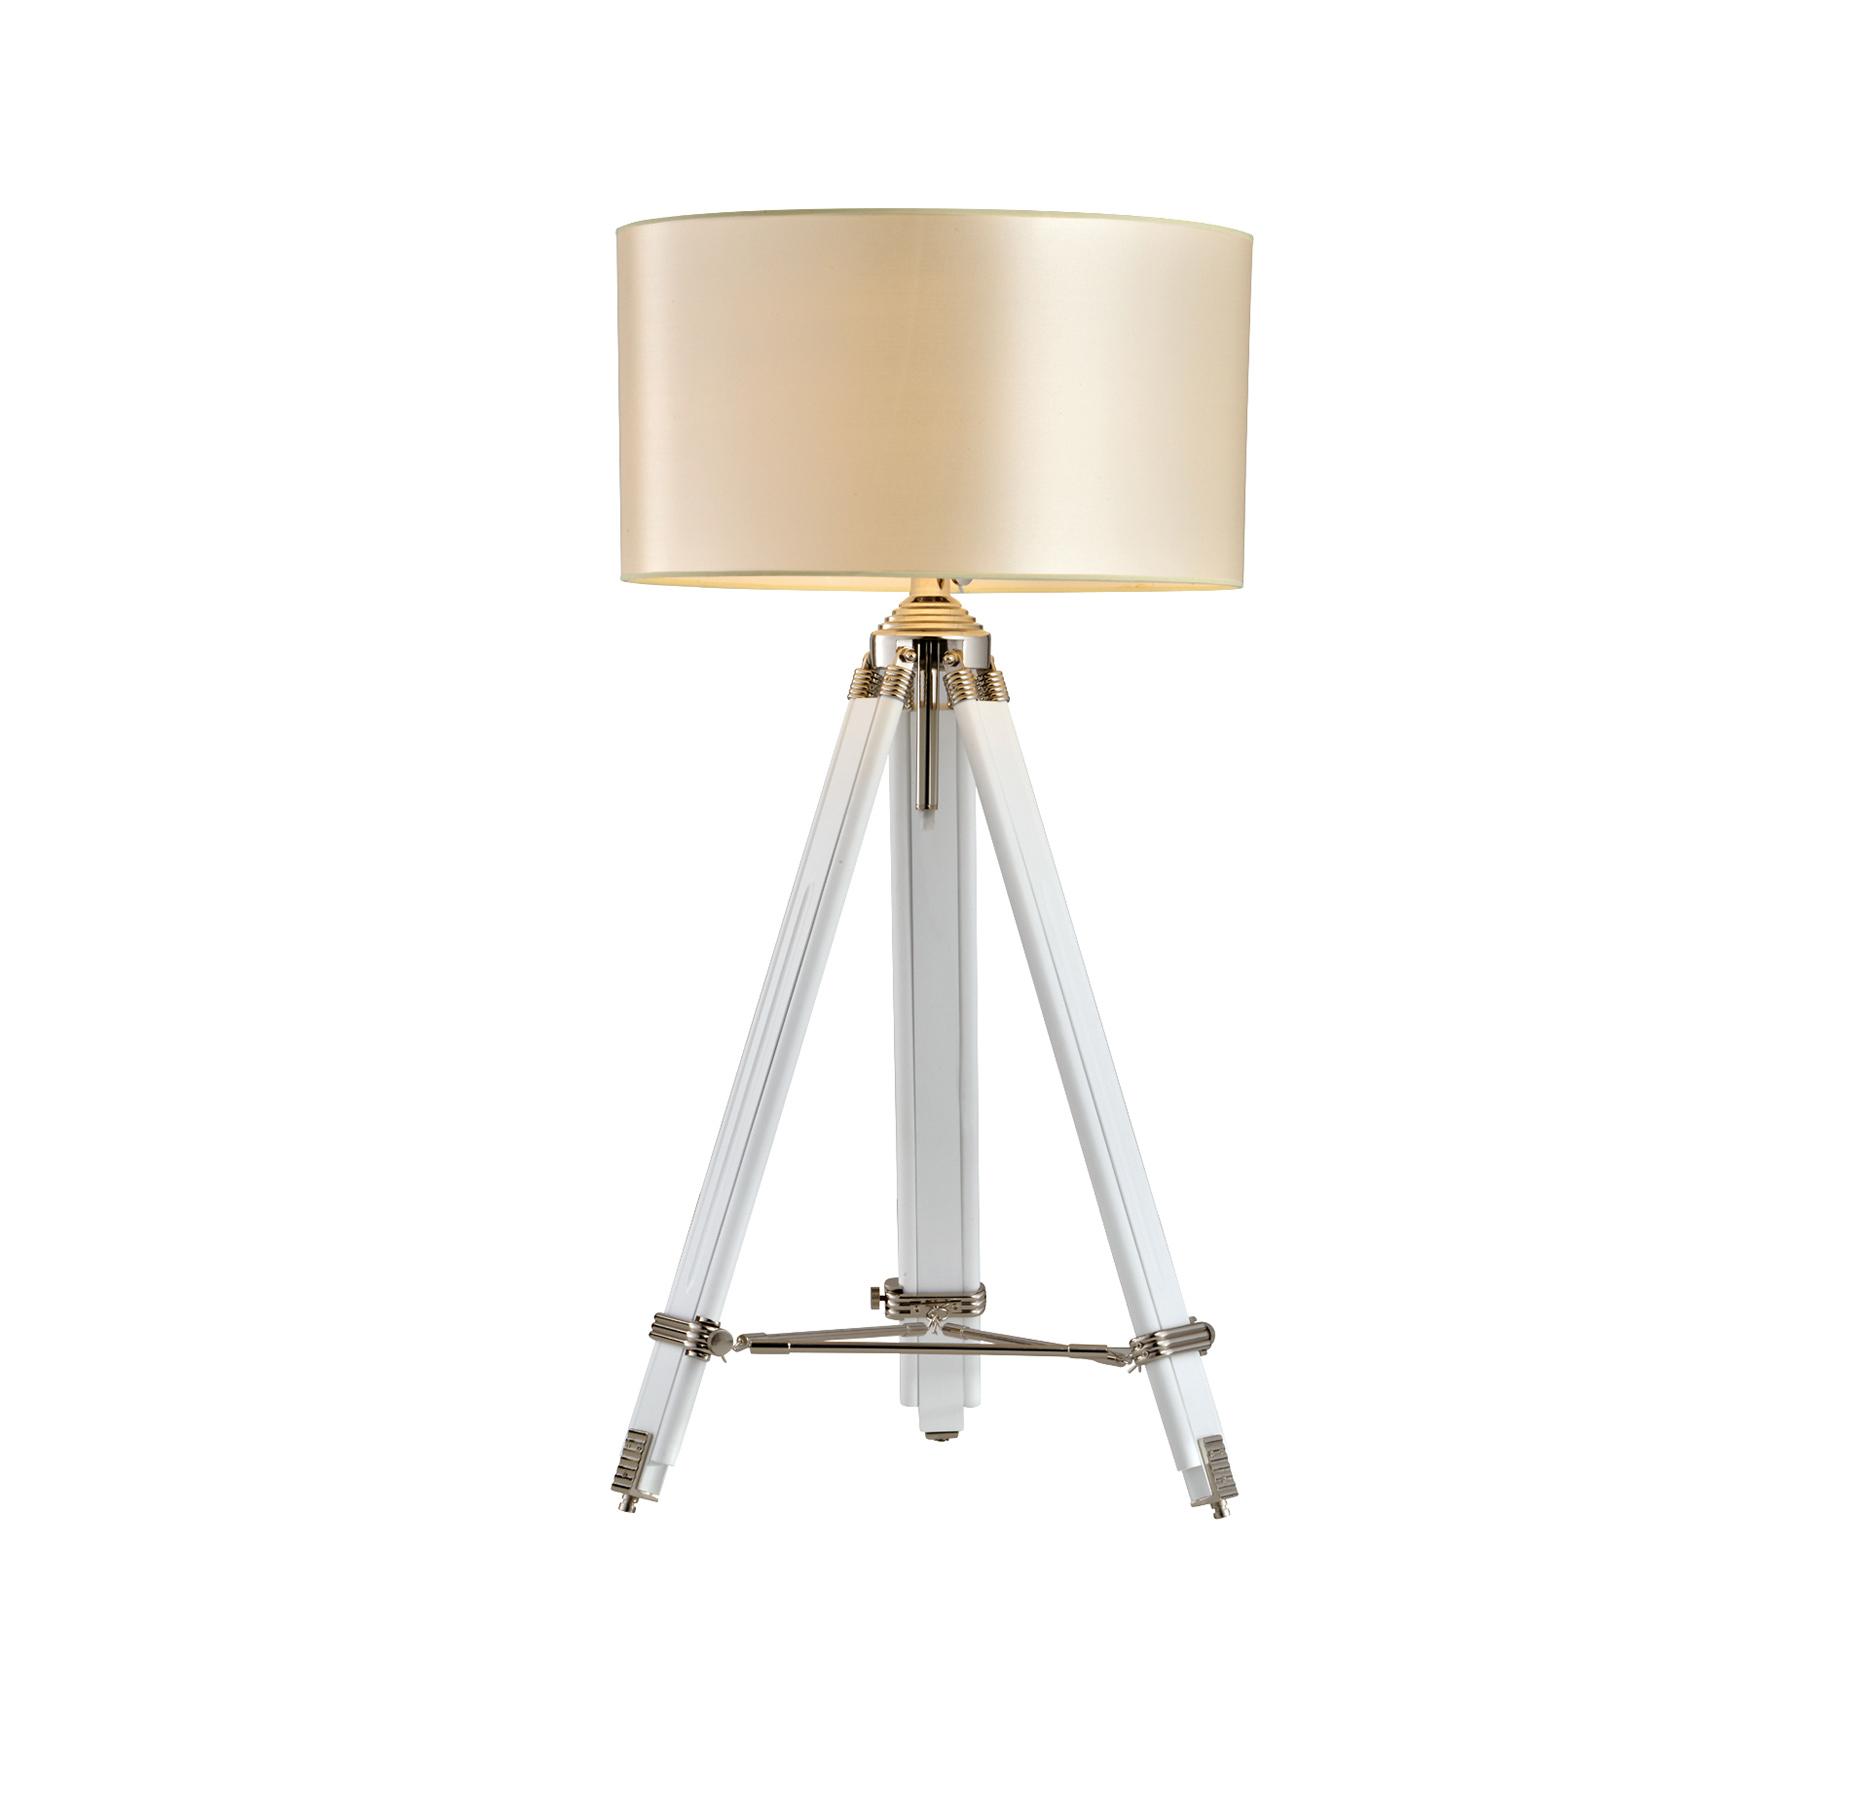 מנורת חצובה אהיל X-light בעלת חצובה מעץ מלא המתכווננת לכל גודל בעלת אהיל ענק מבית HomeTown - תמונה 2